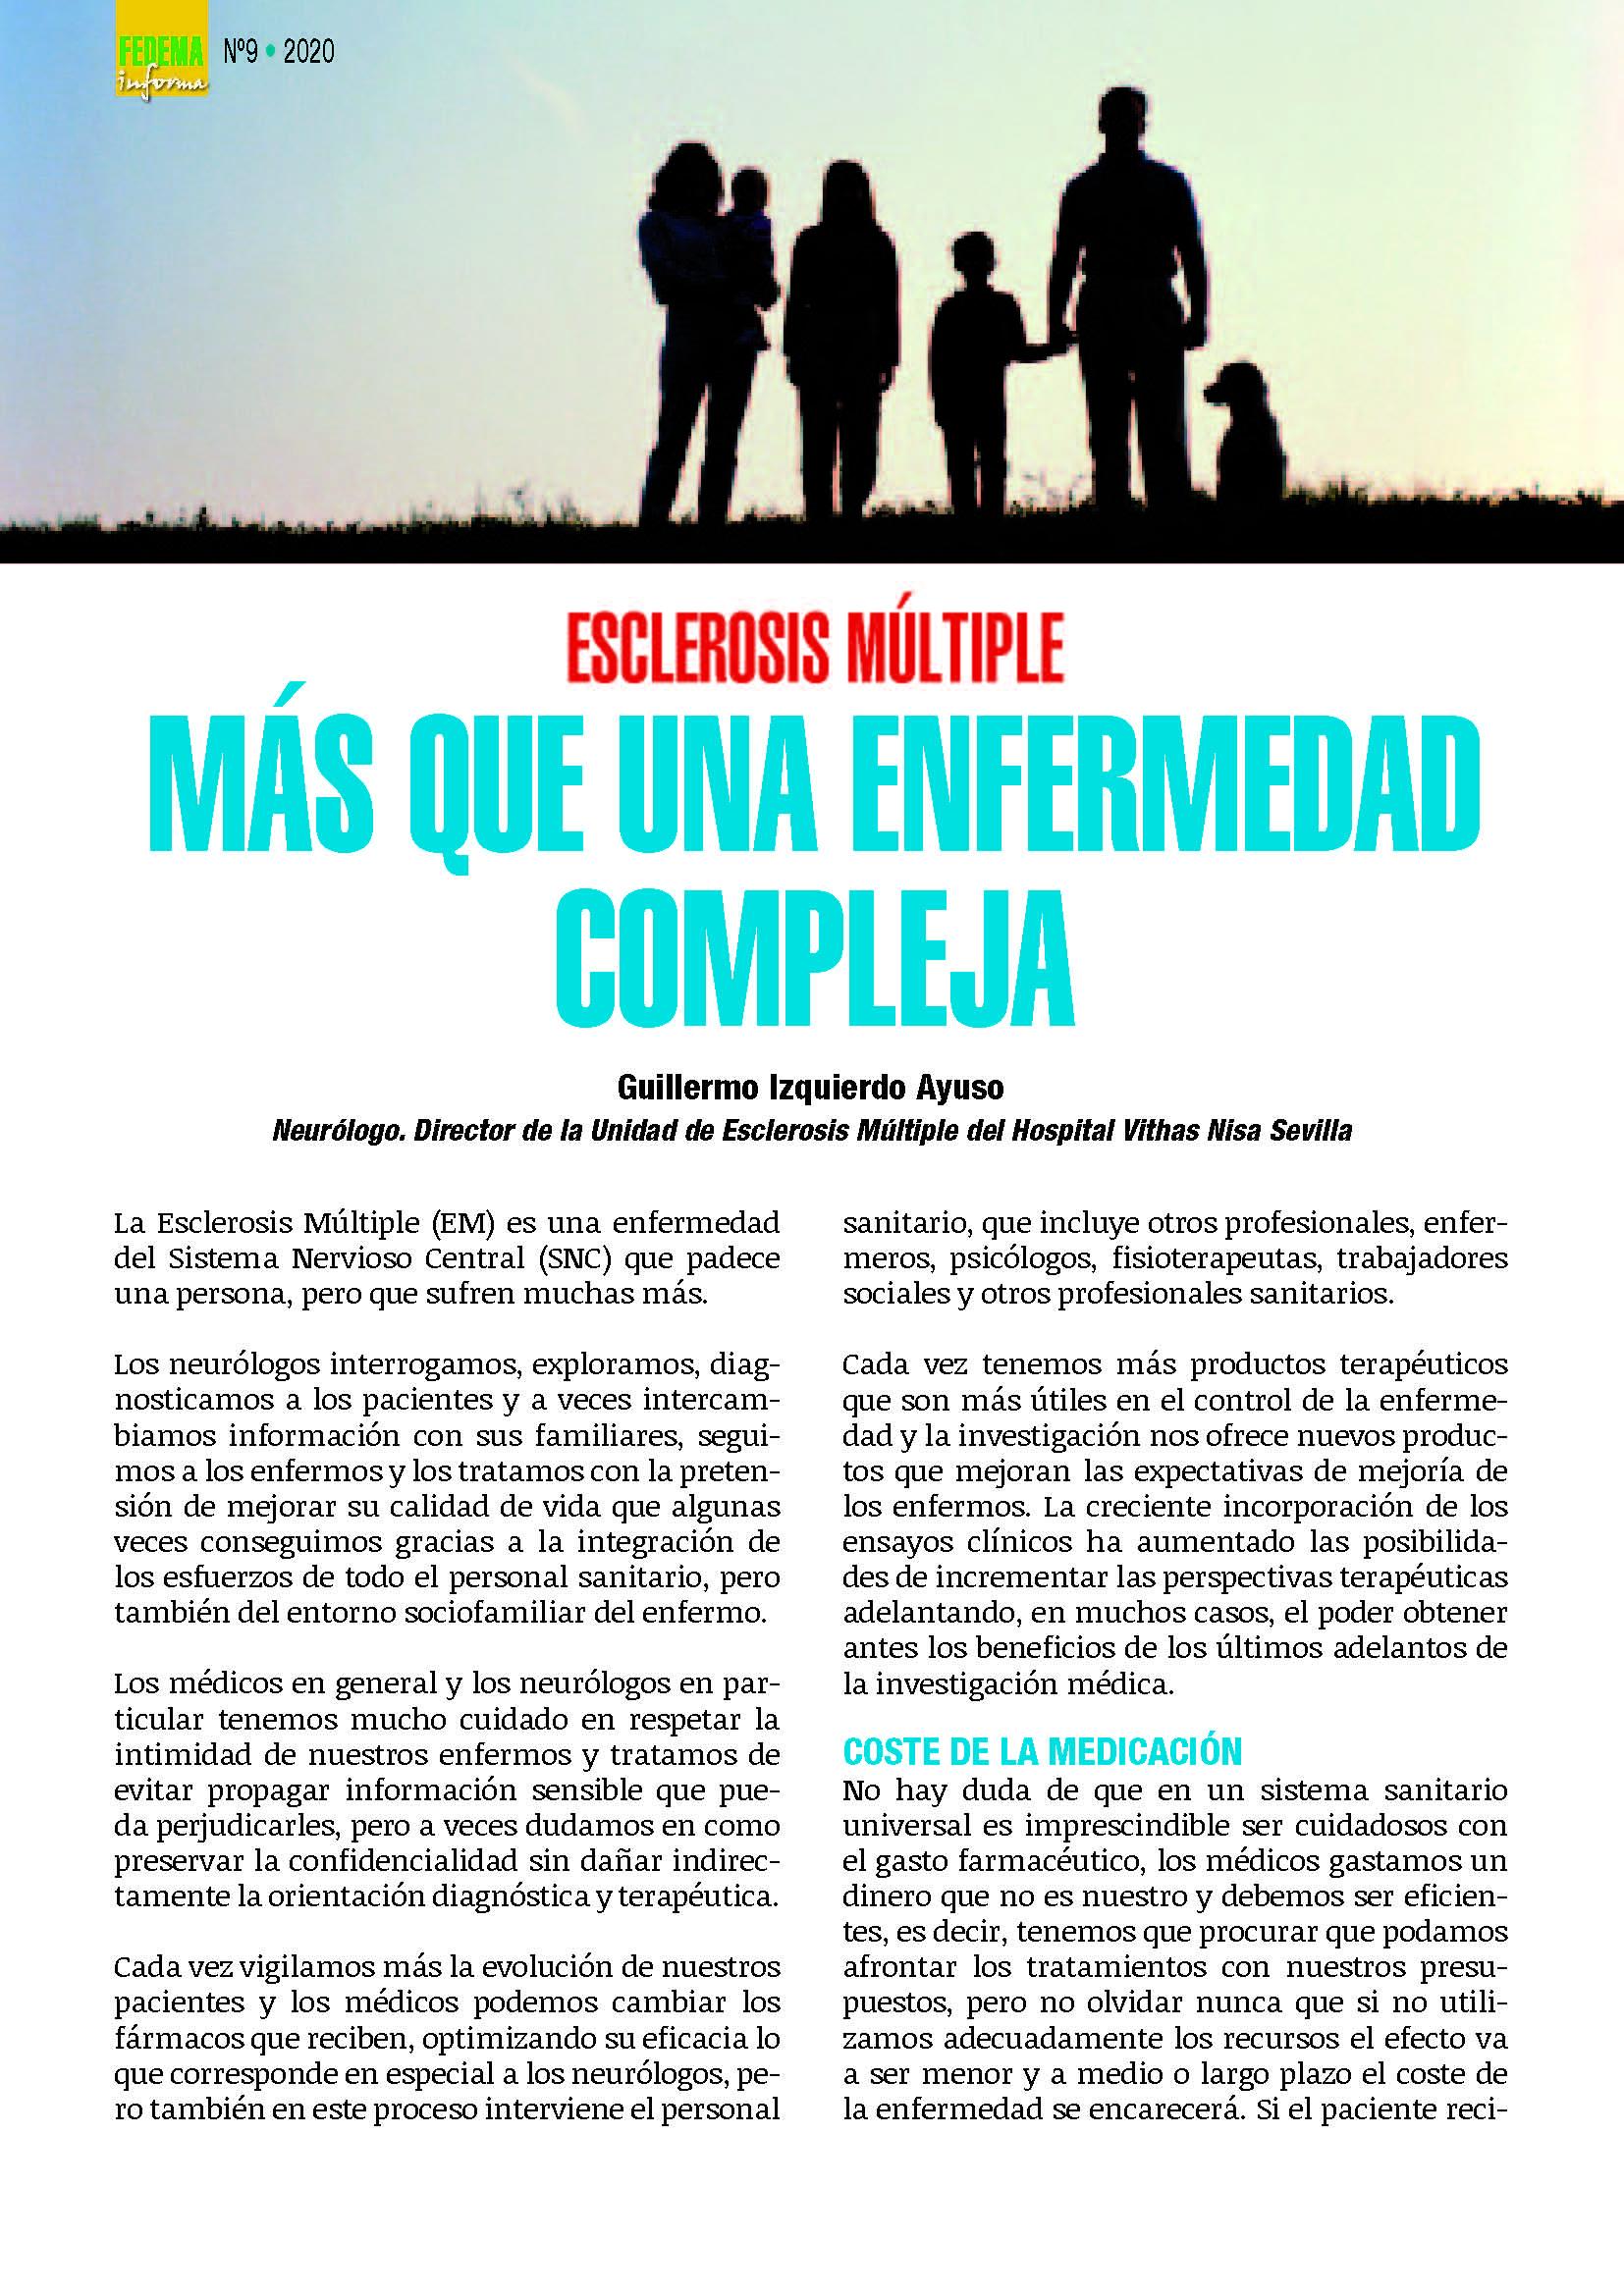 masqueunaenfermedadcompleja_pagina_1.jpg